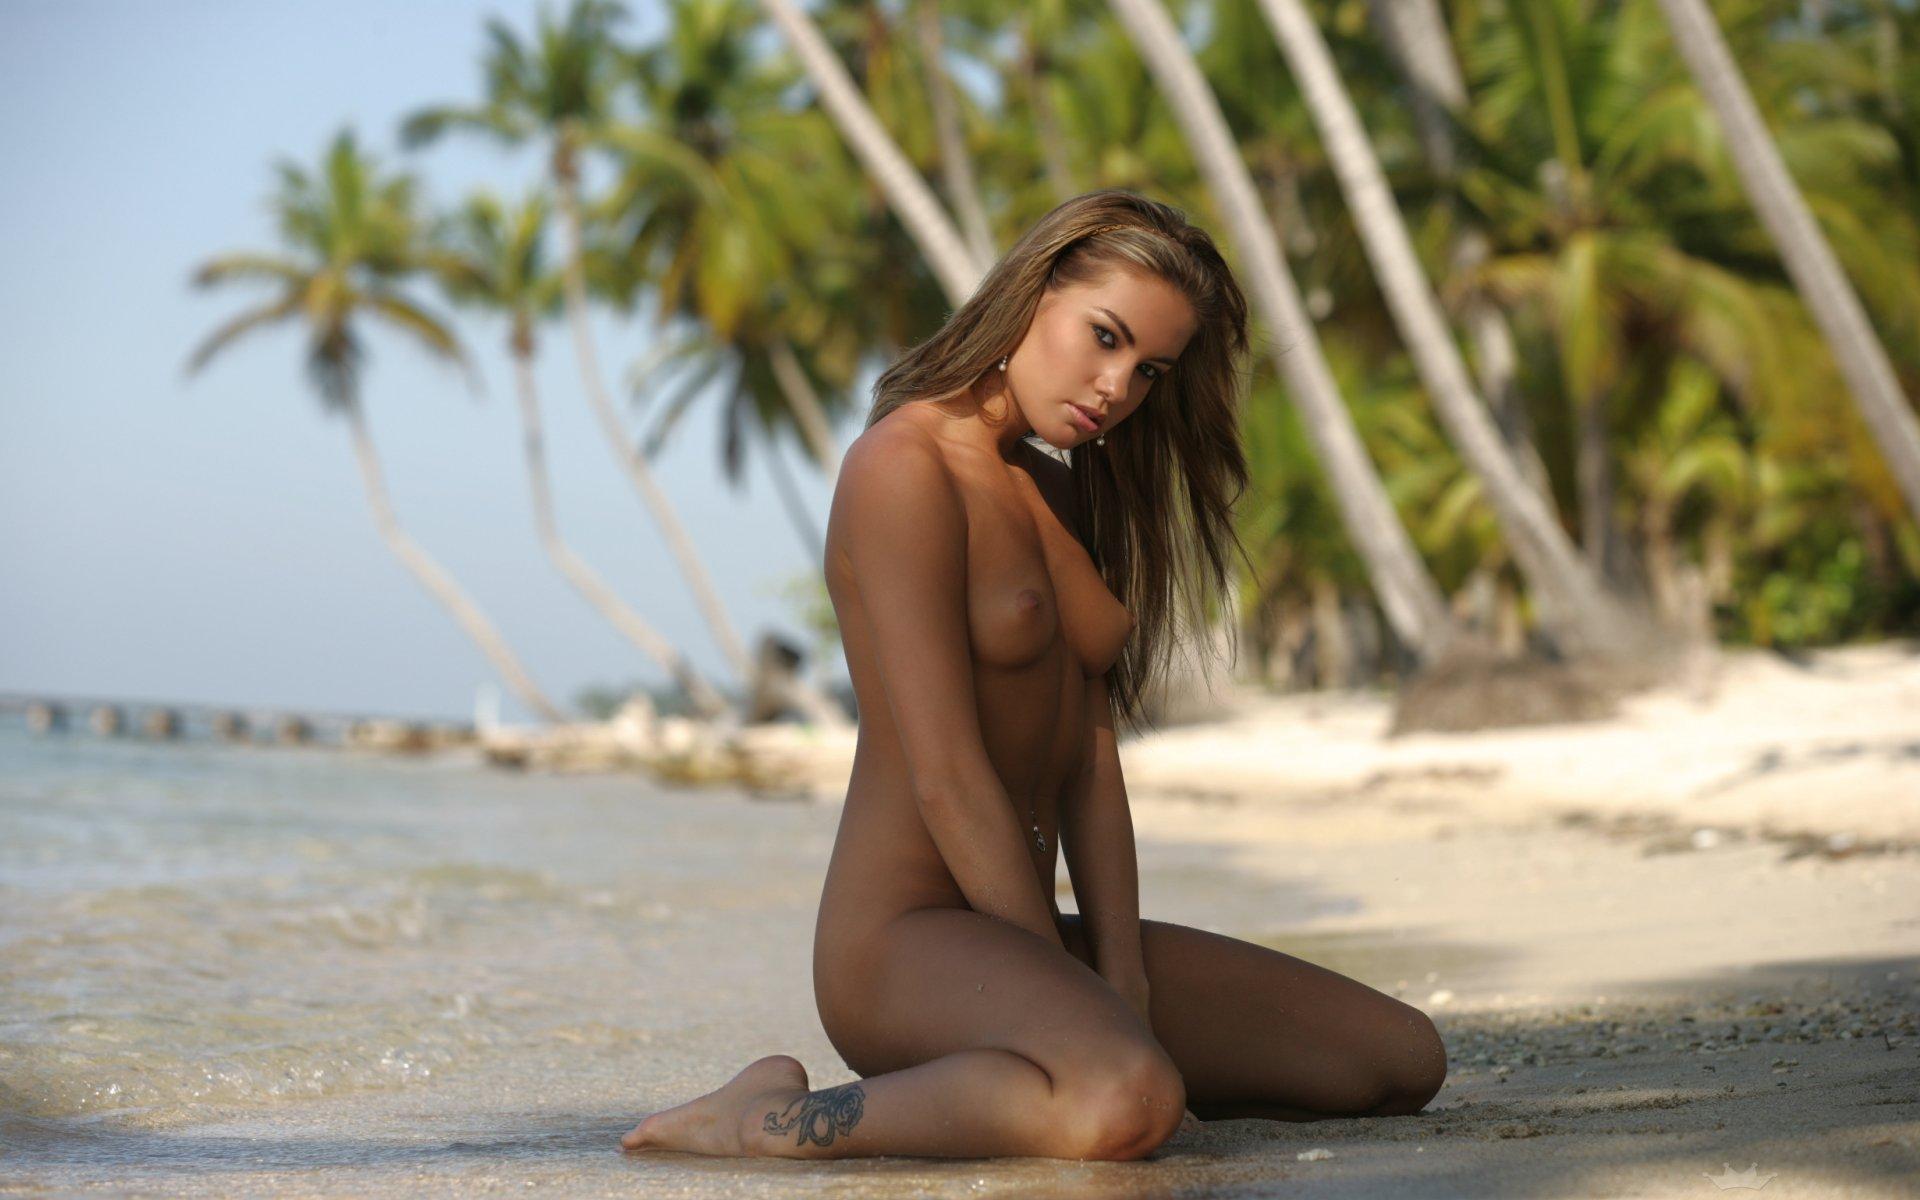 красивое порно море пальмы - 12